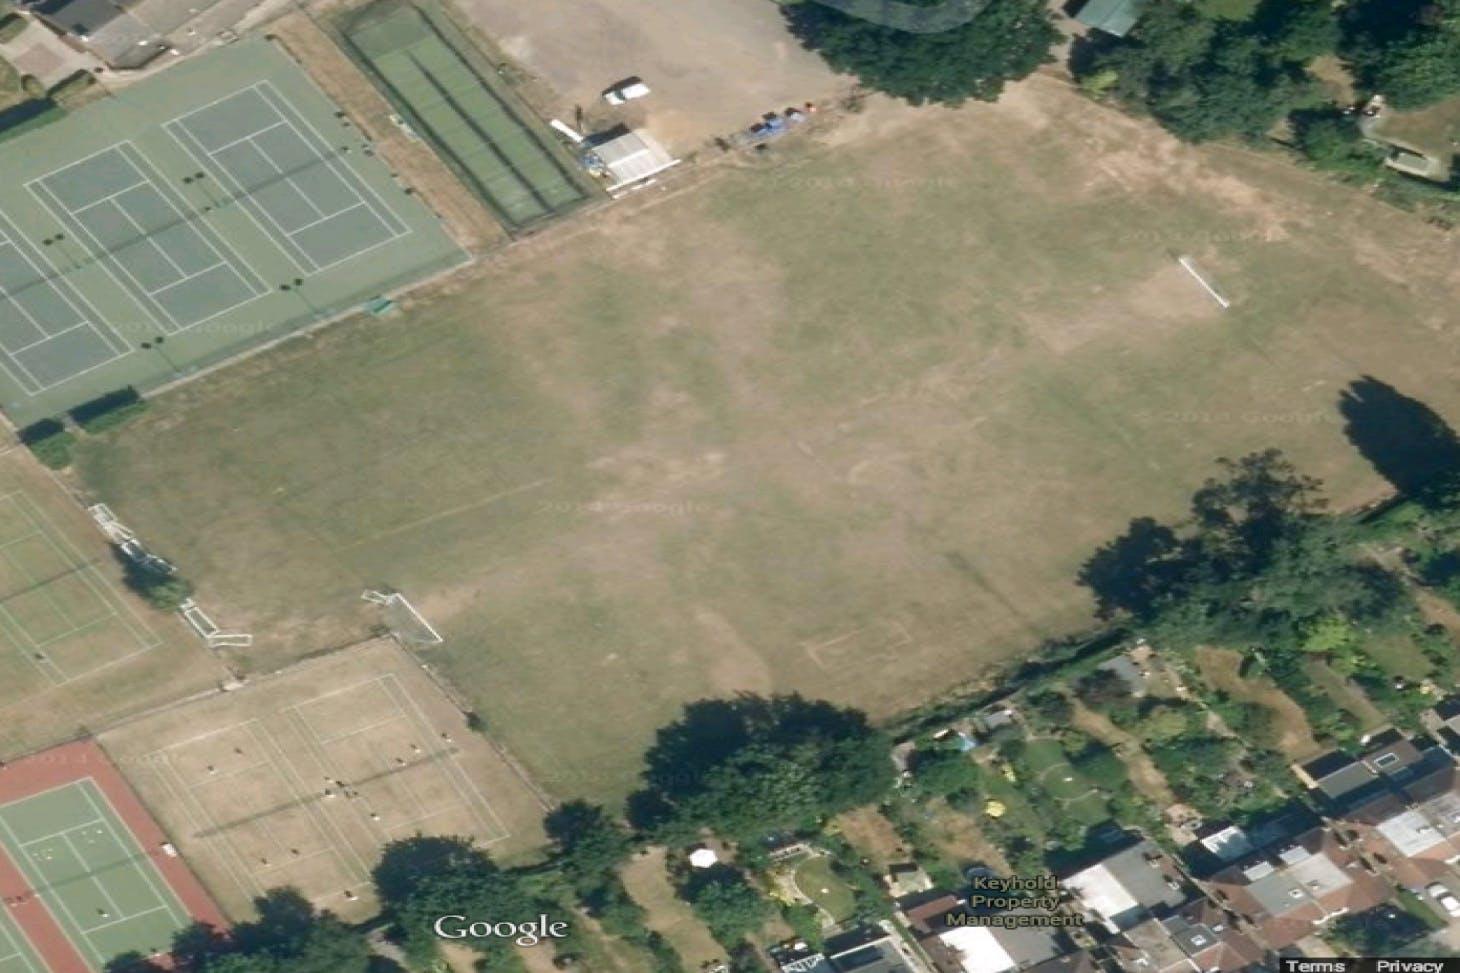 Edward Alleyn Club Outdoor   Grass tennis court